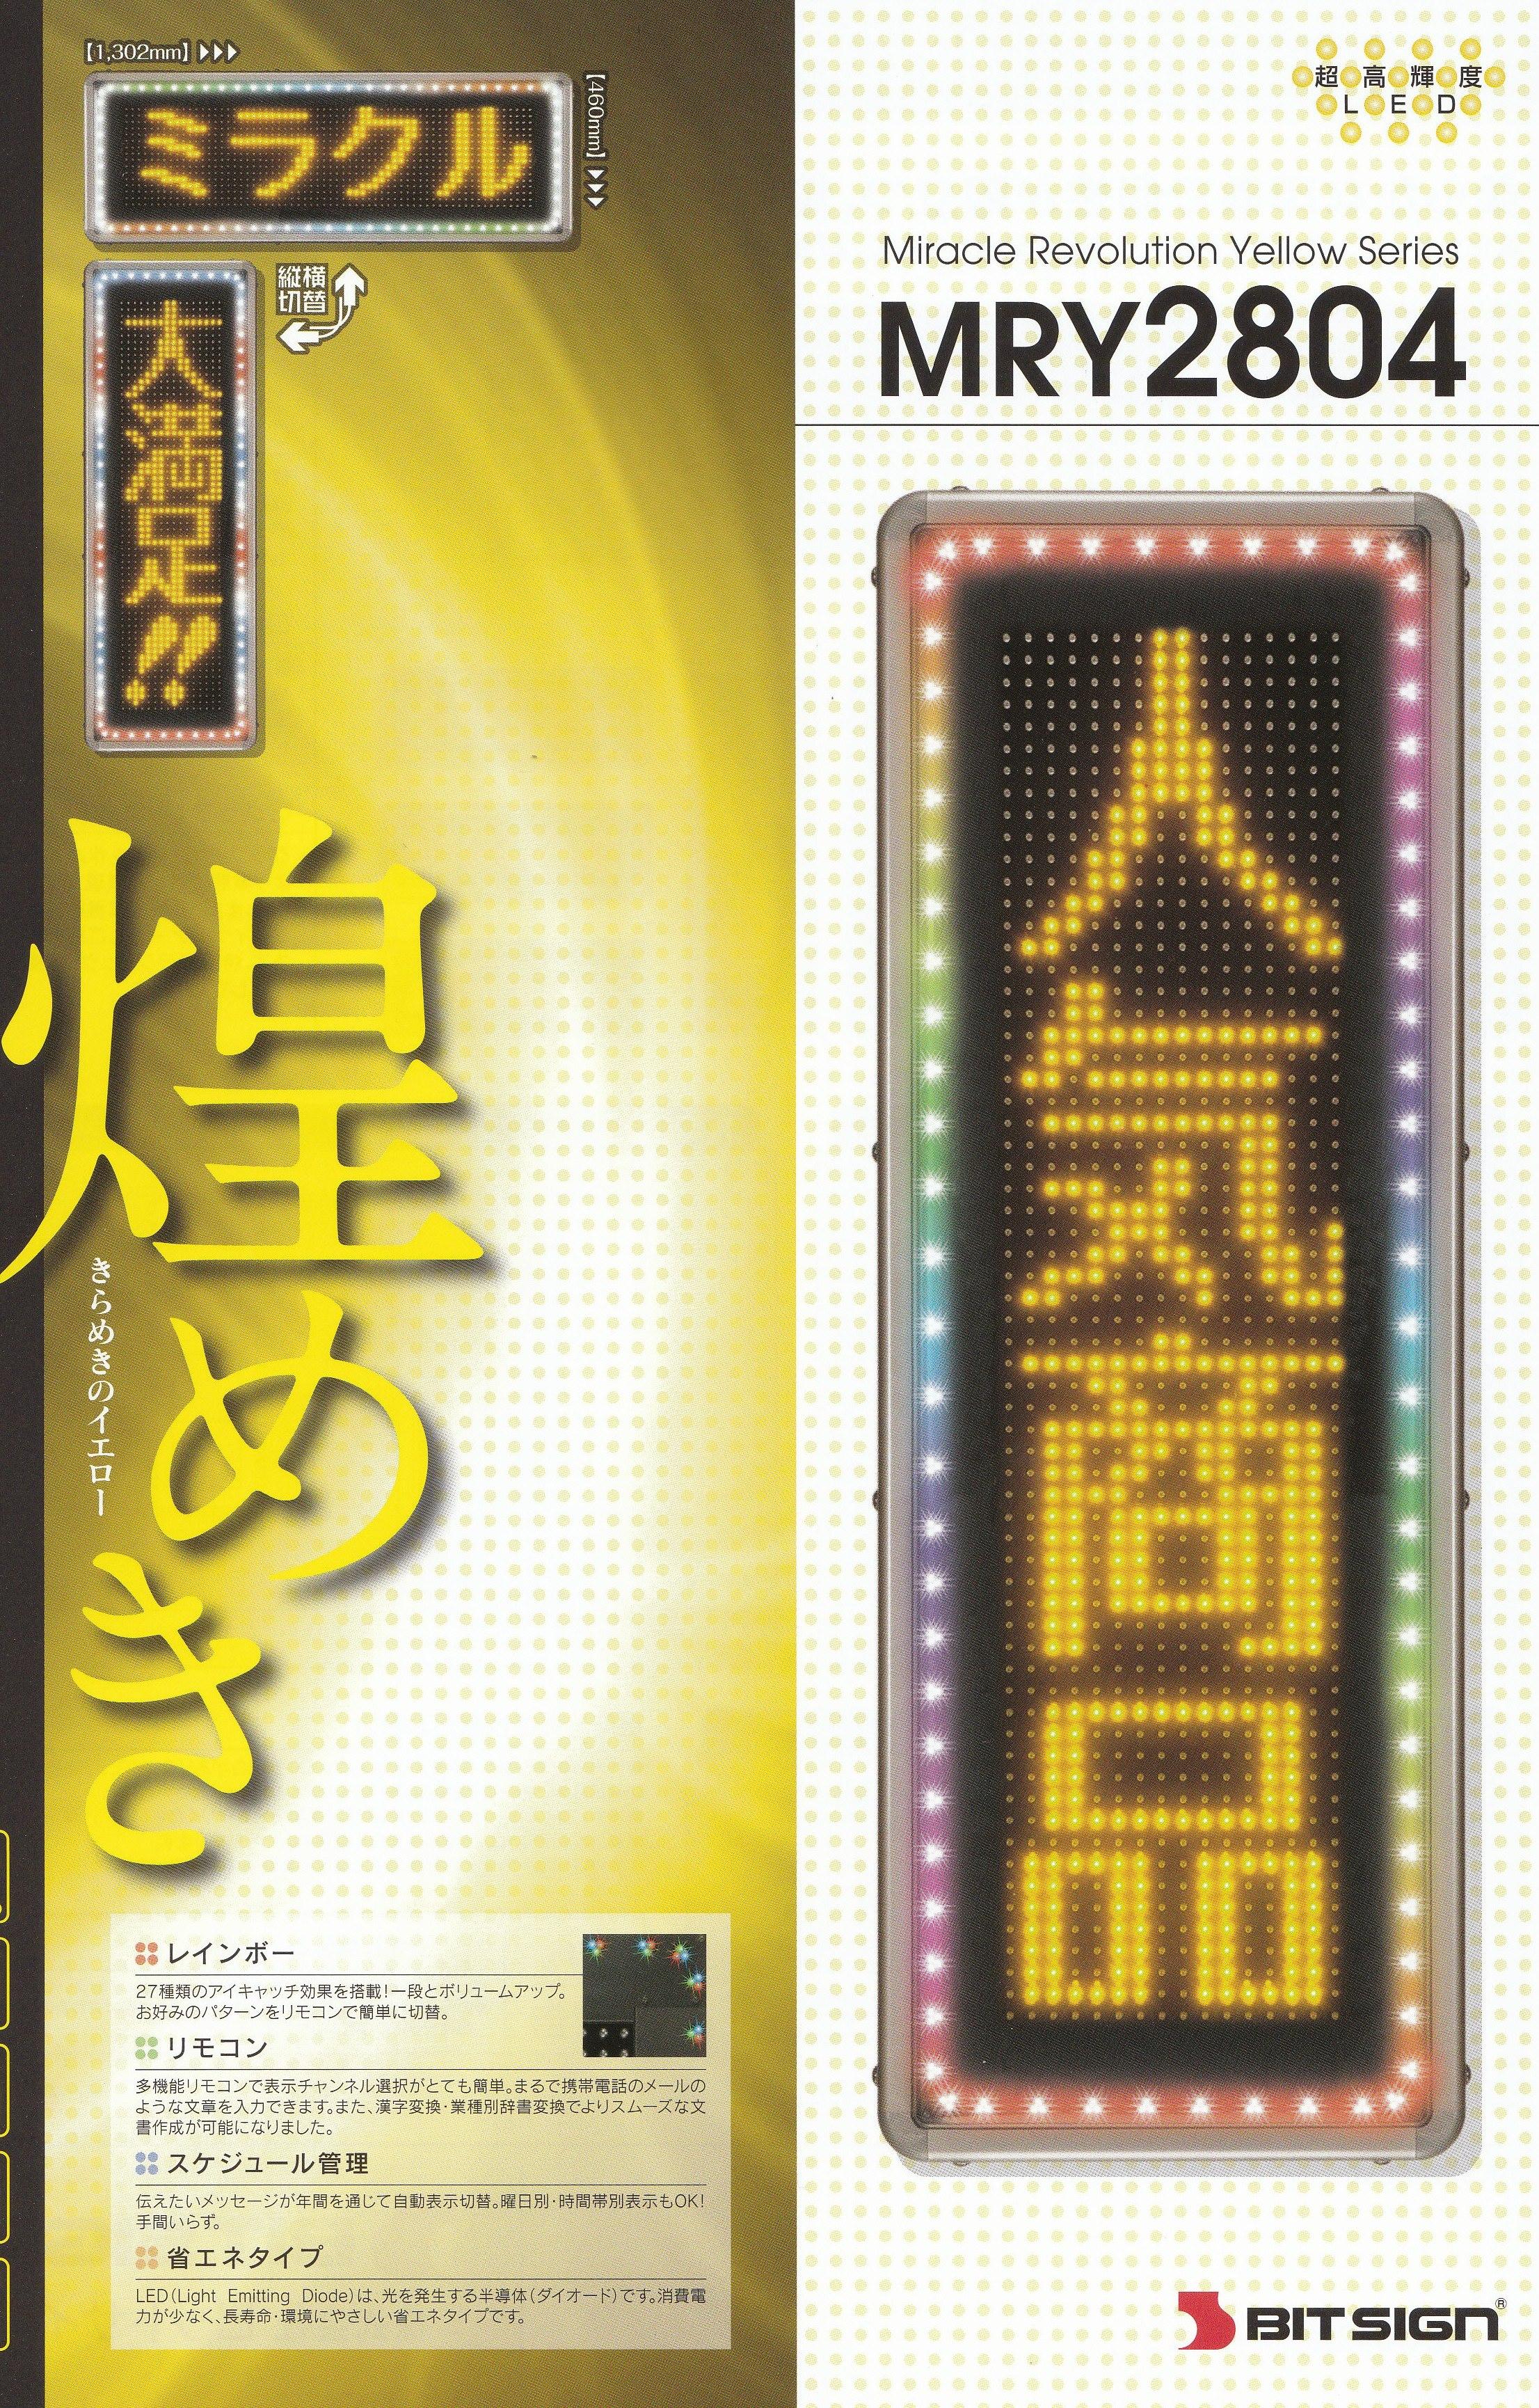 ミラクルレボリューション MRY2804 アーキオプテリス・LED看板・電光掲示板